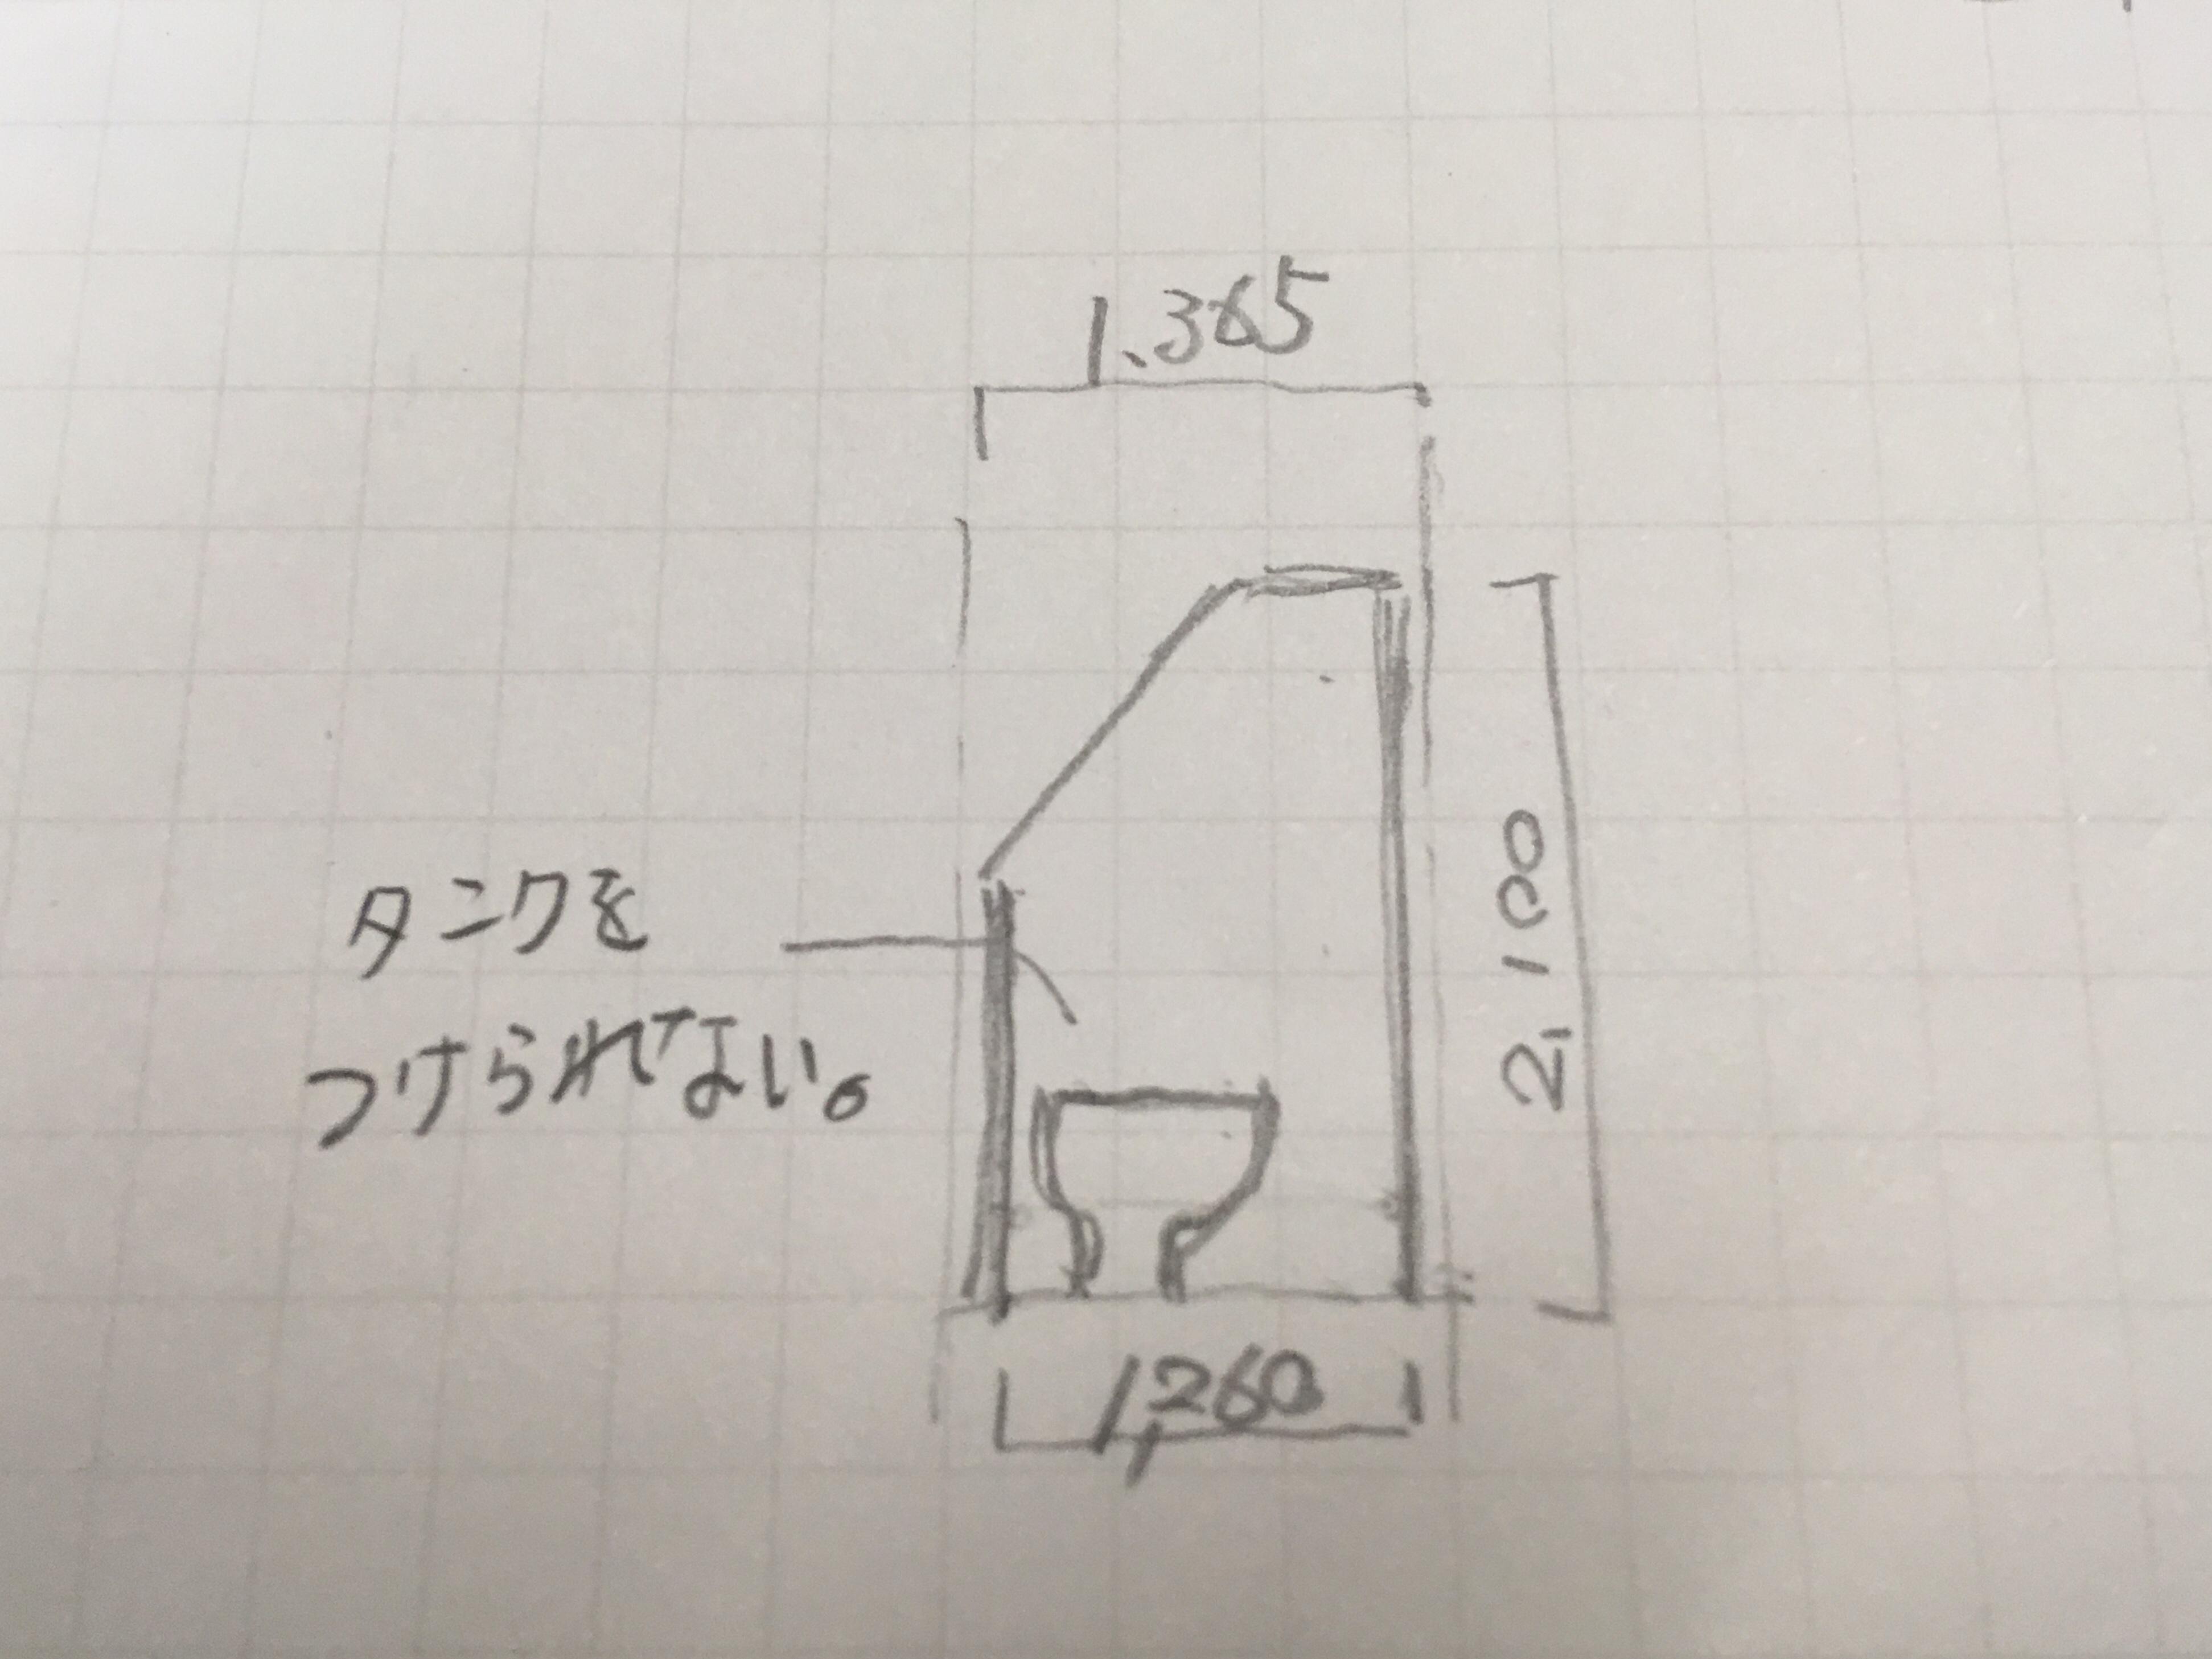 トイレ天井高